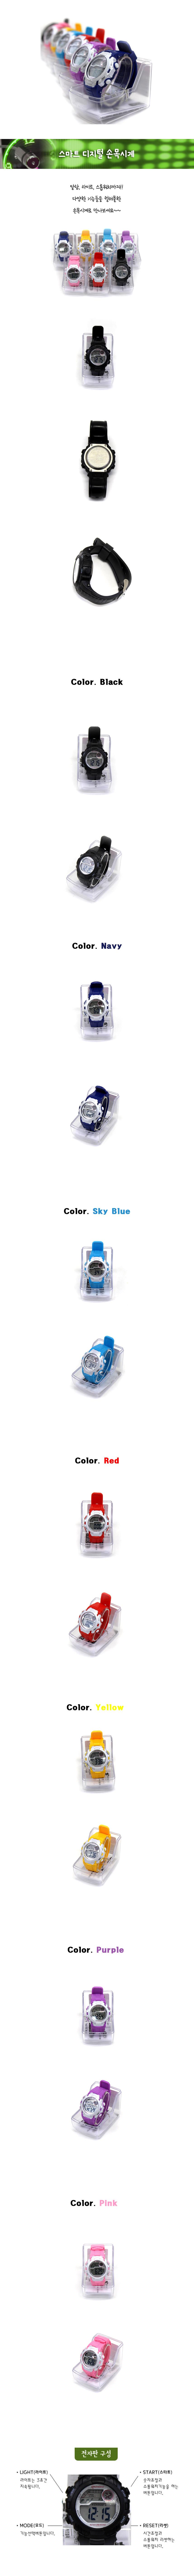 스마트 디지털 손목시계 - 포포팬시, 8,000원, 여성시계, 전자시계